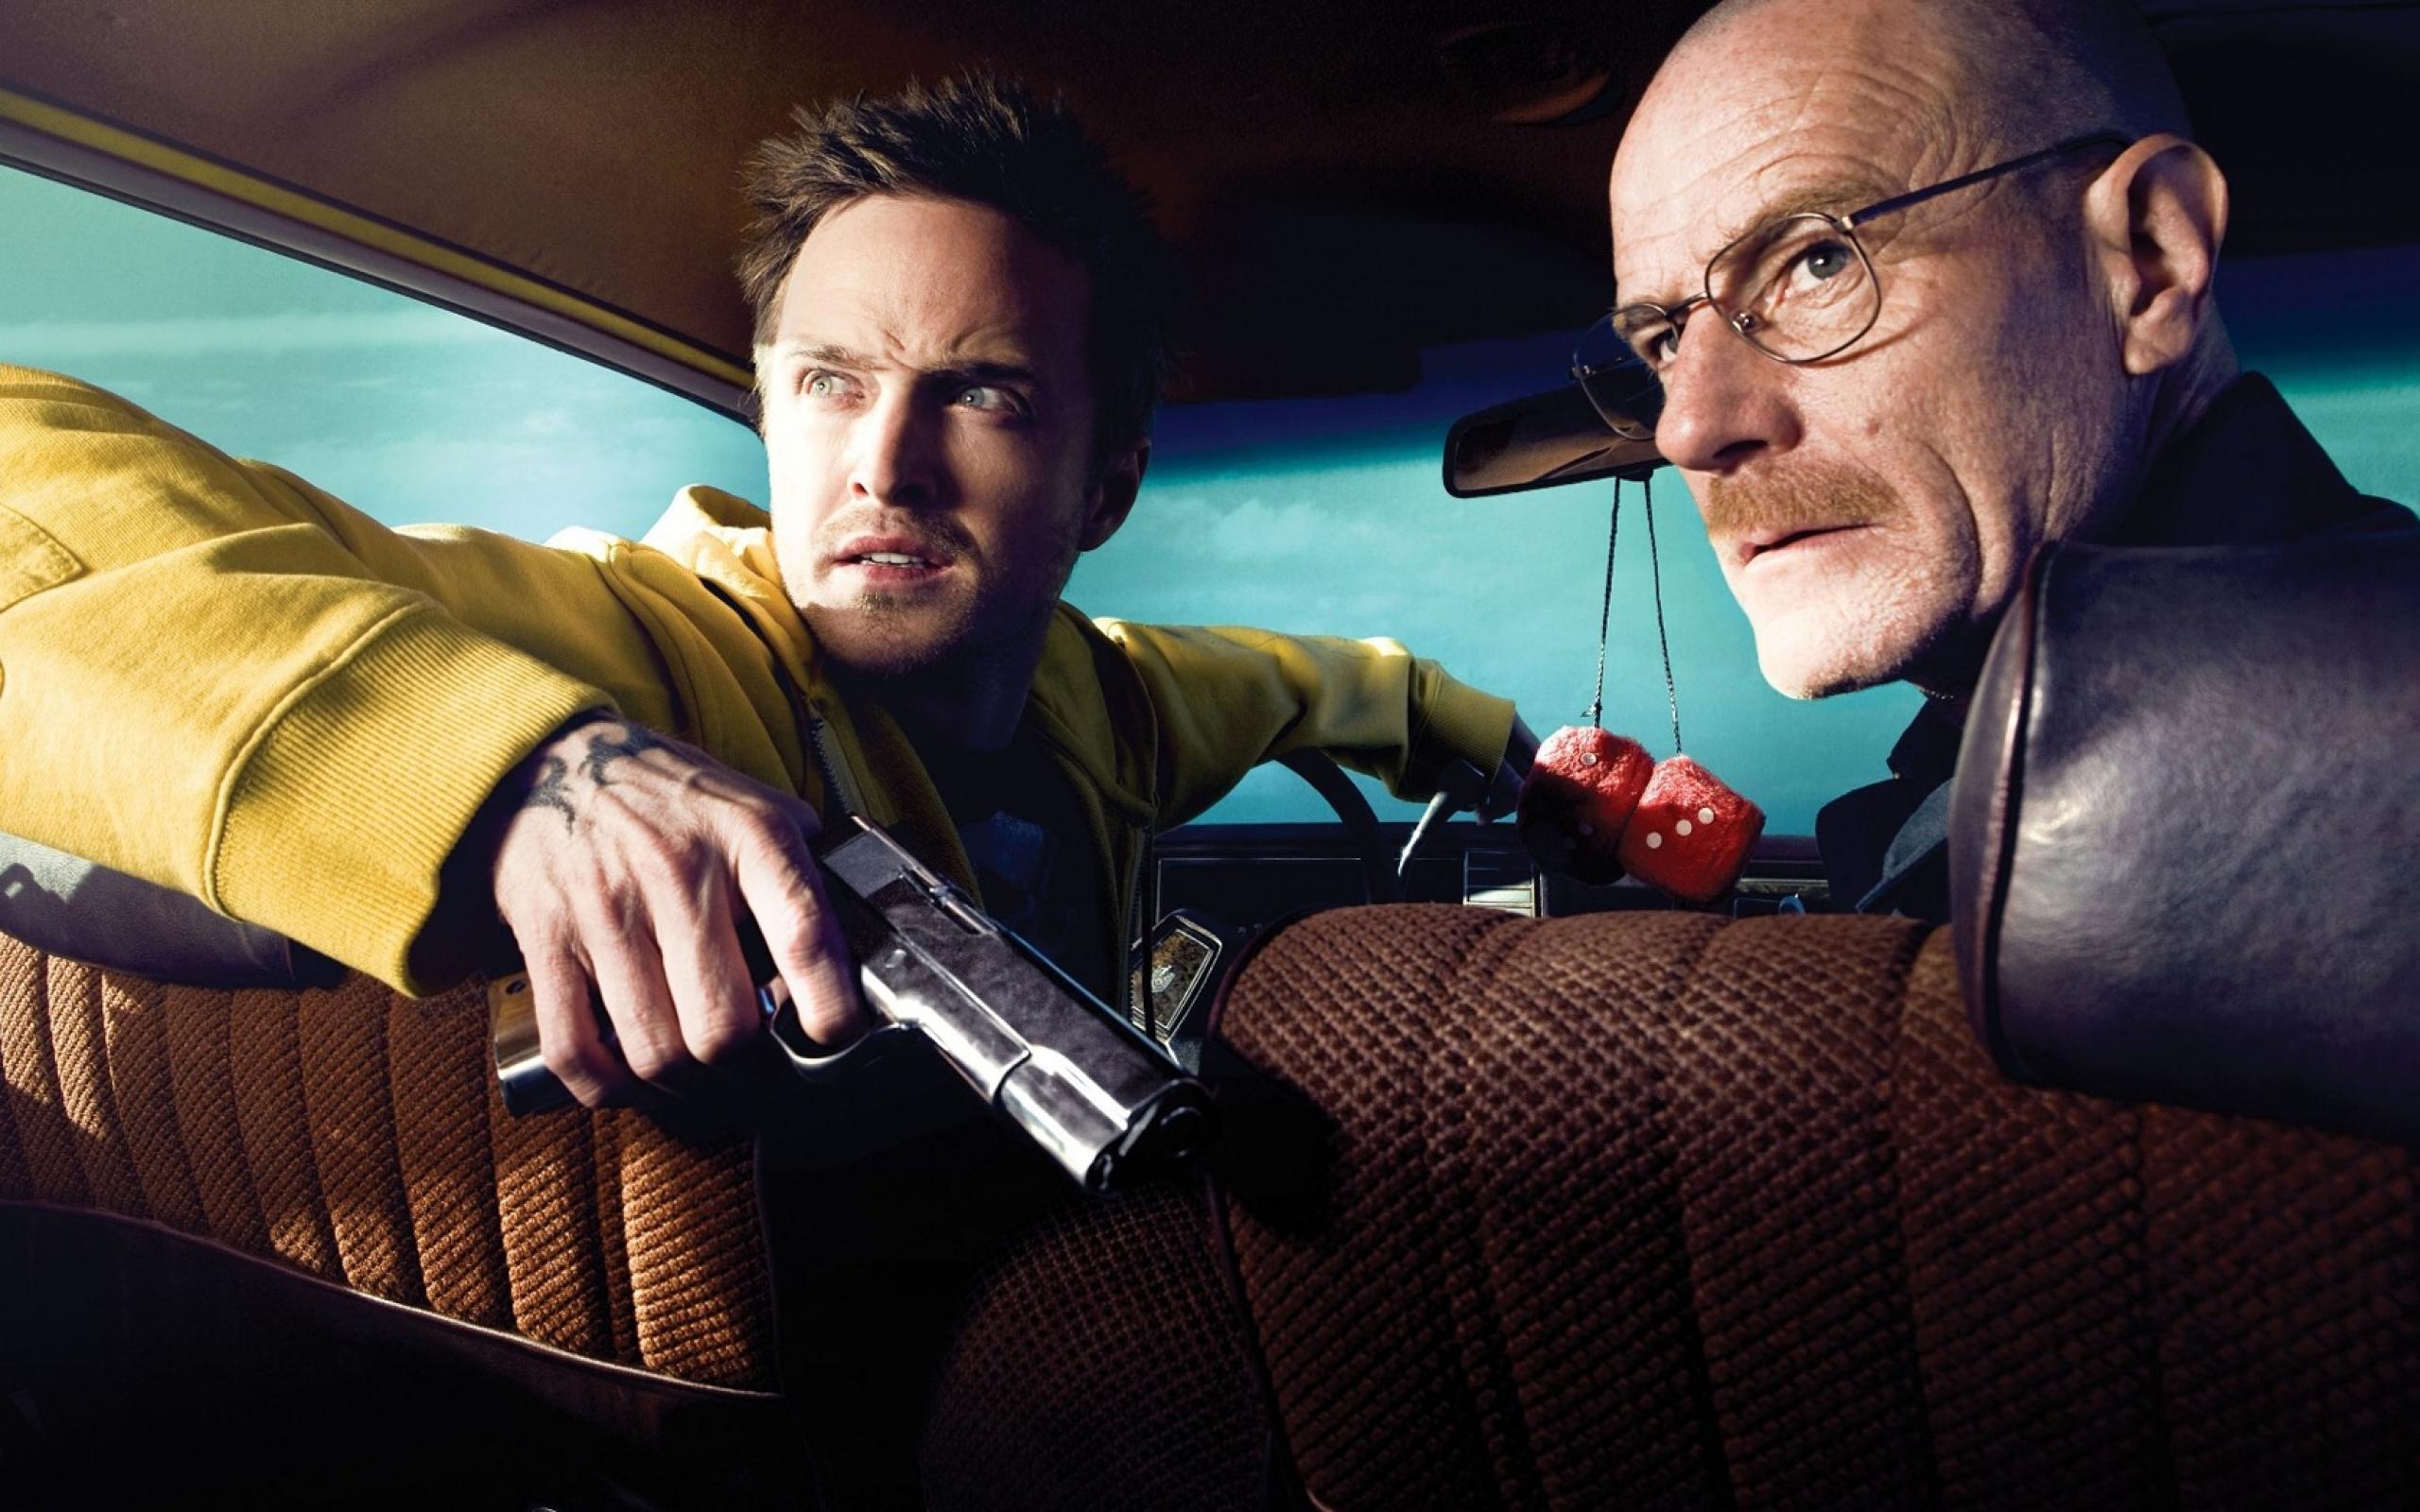 Weil 'Breaking Bad' keine realistische Serie ist, sieht sie wenigstens so aus: als wäre jeden Tag 'Traffic' von Steven Soder